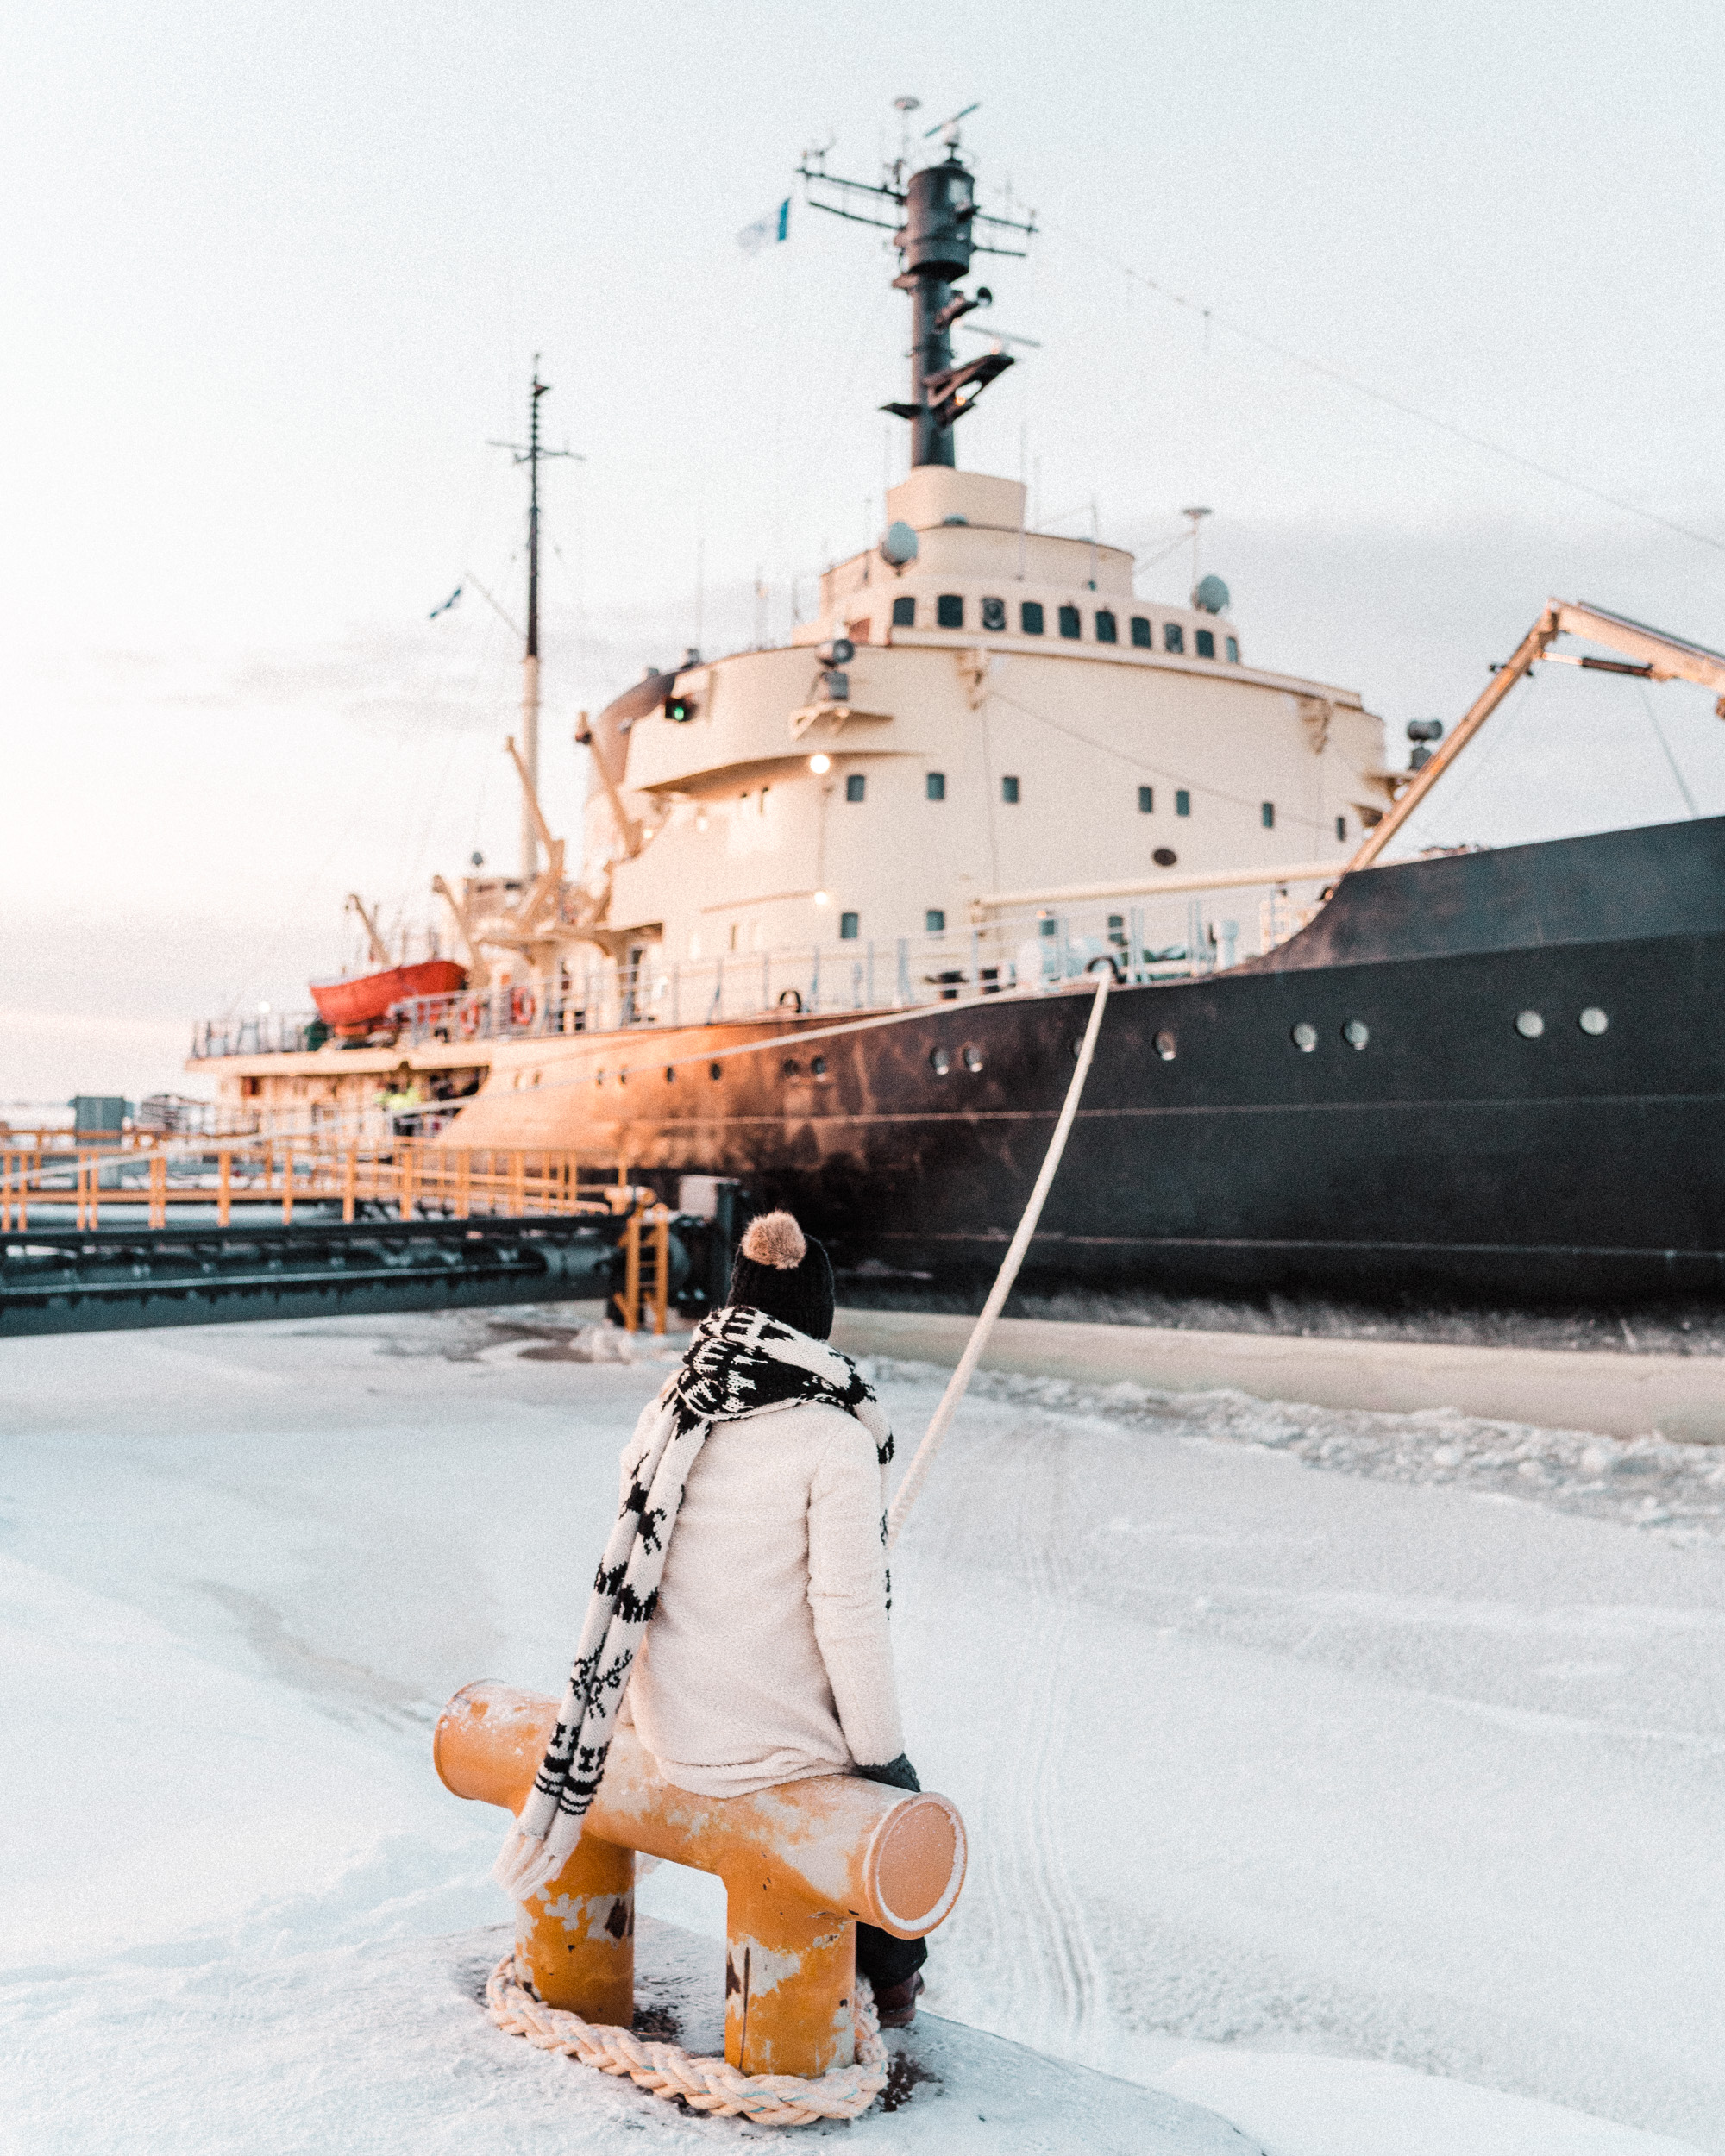 icebreaker sampo ship in kemi lapland finland